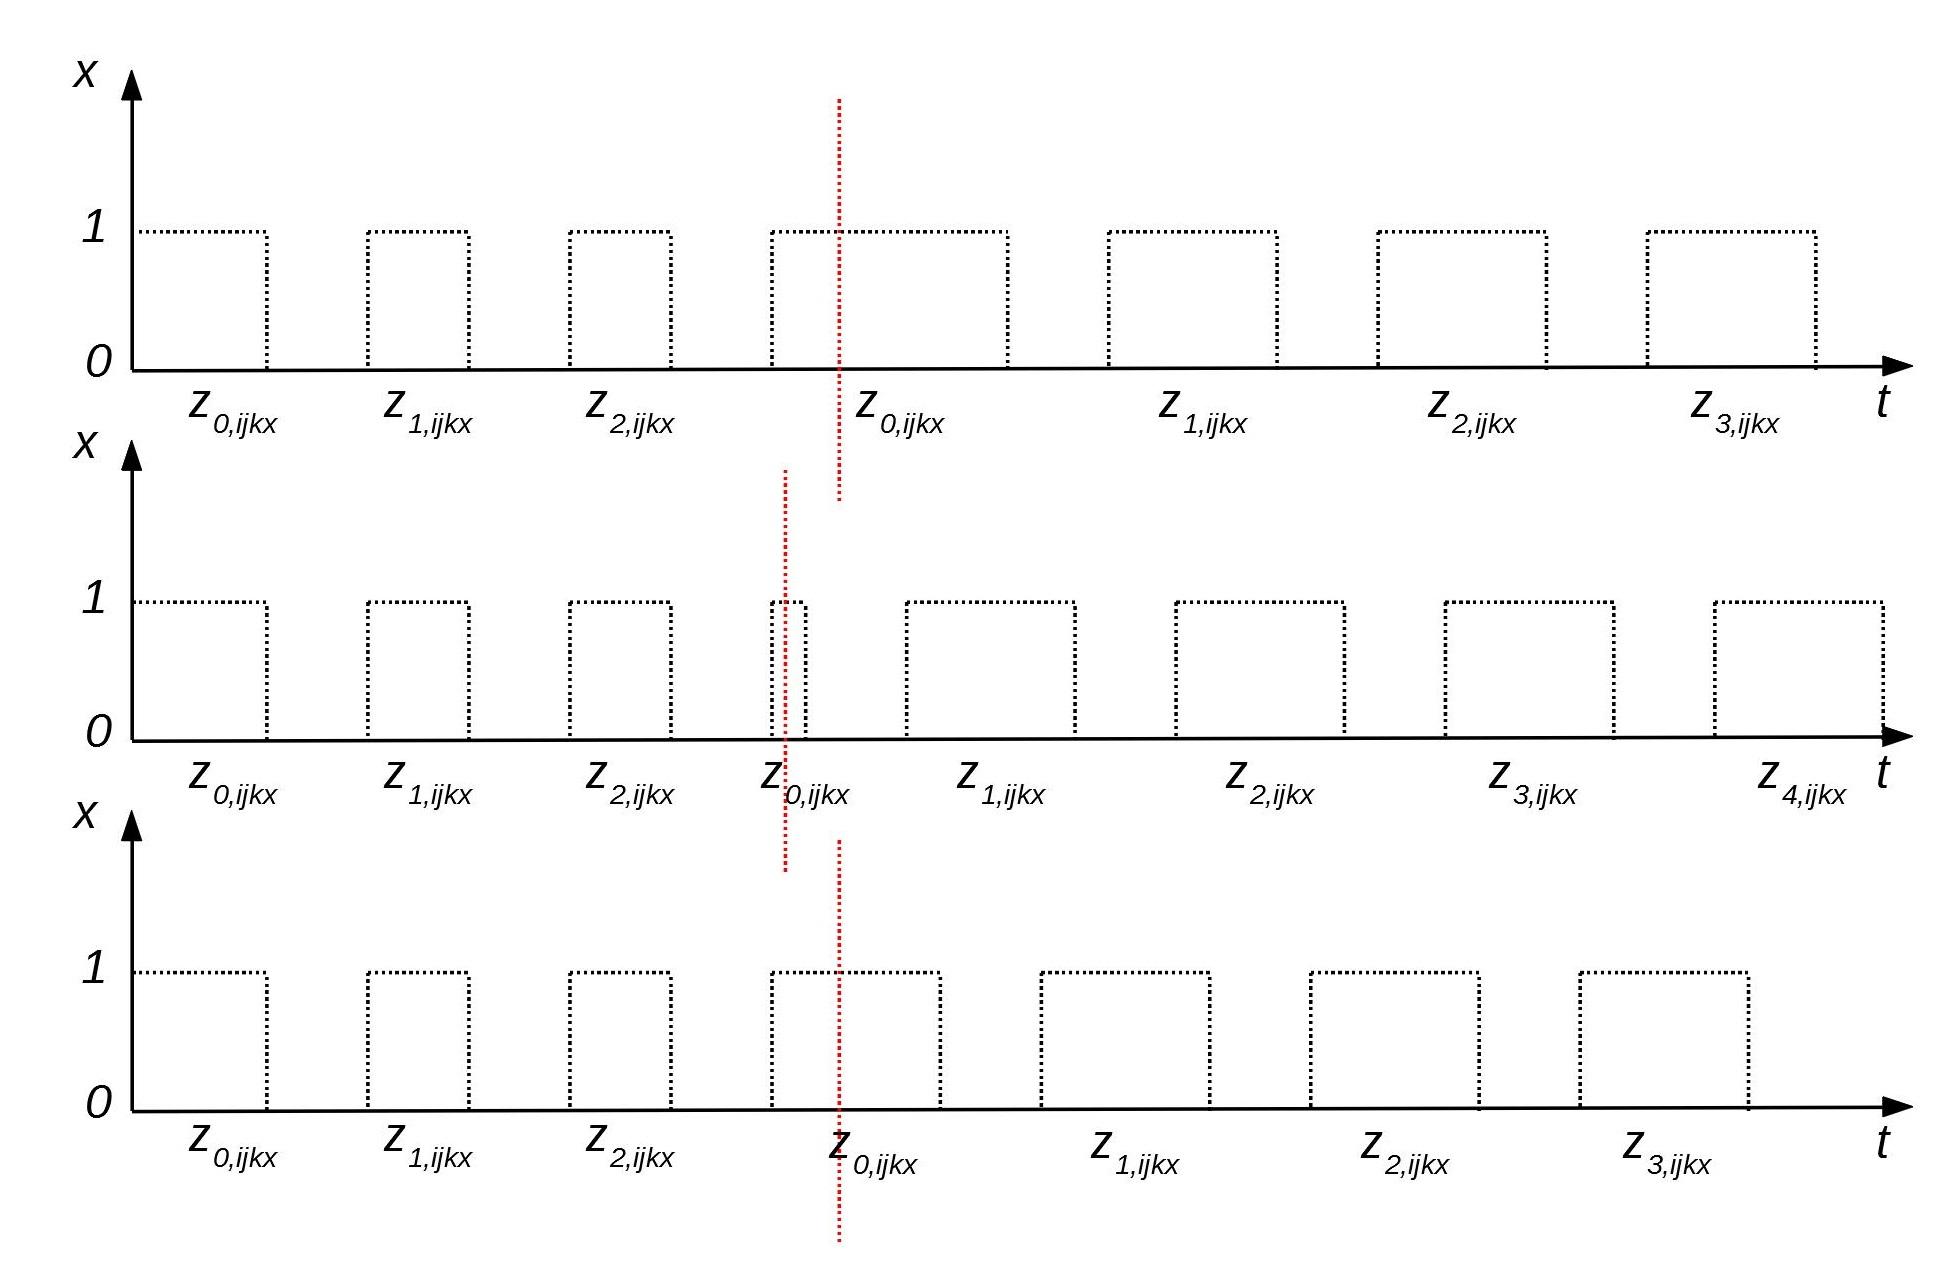 Логистика. Часть 1. Оптимизация авиасообщения по направлениям и формирование расписания - 53